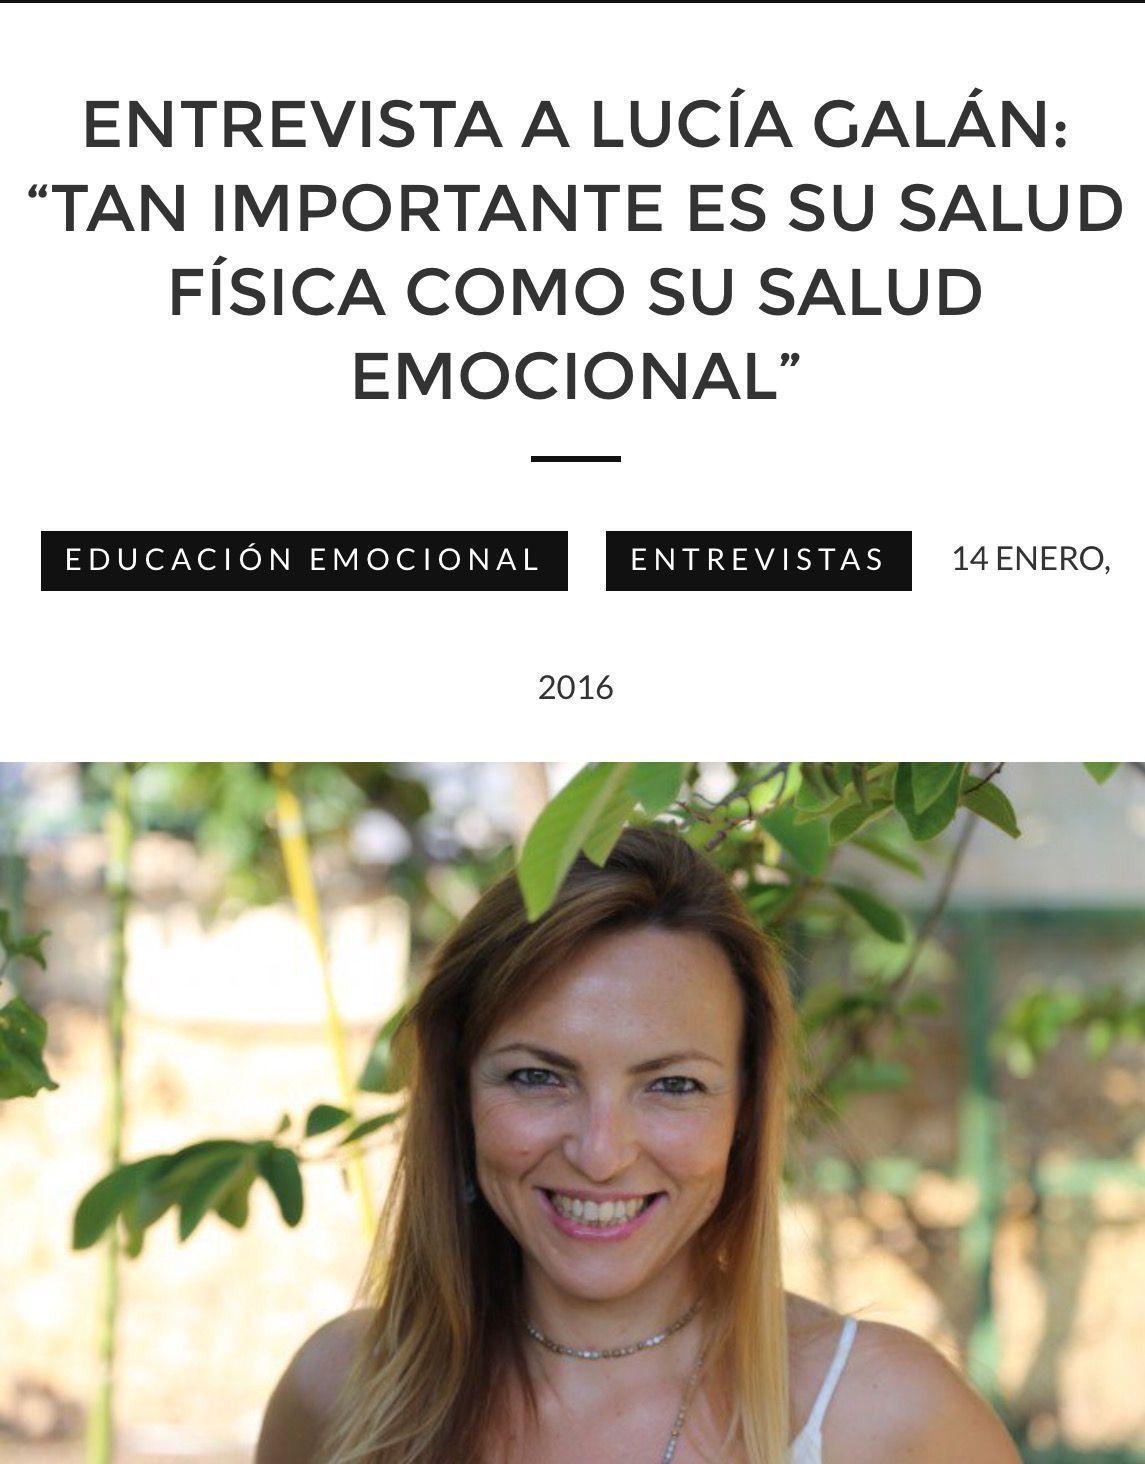 Entrevista Lucia Galán